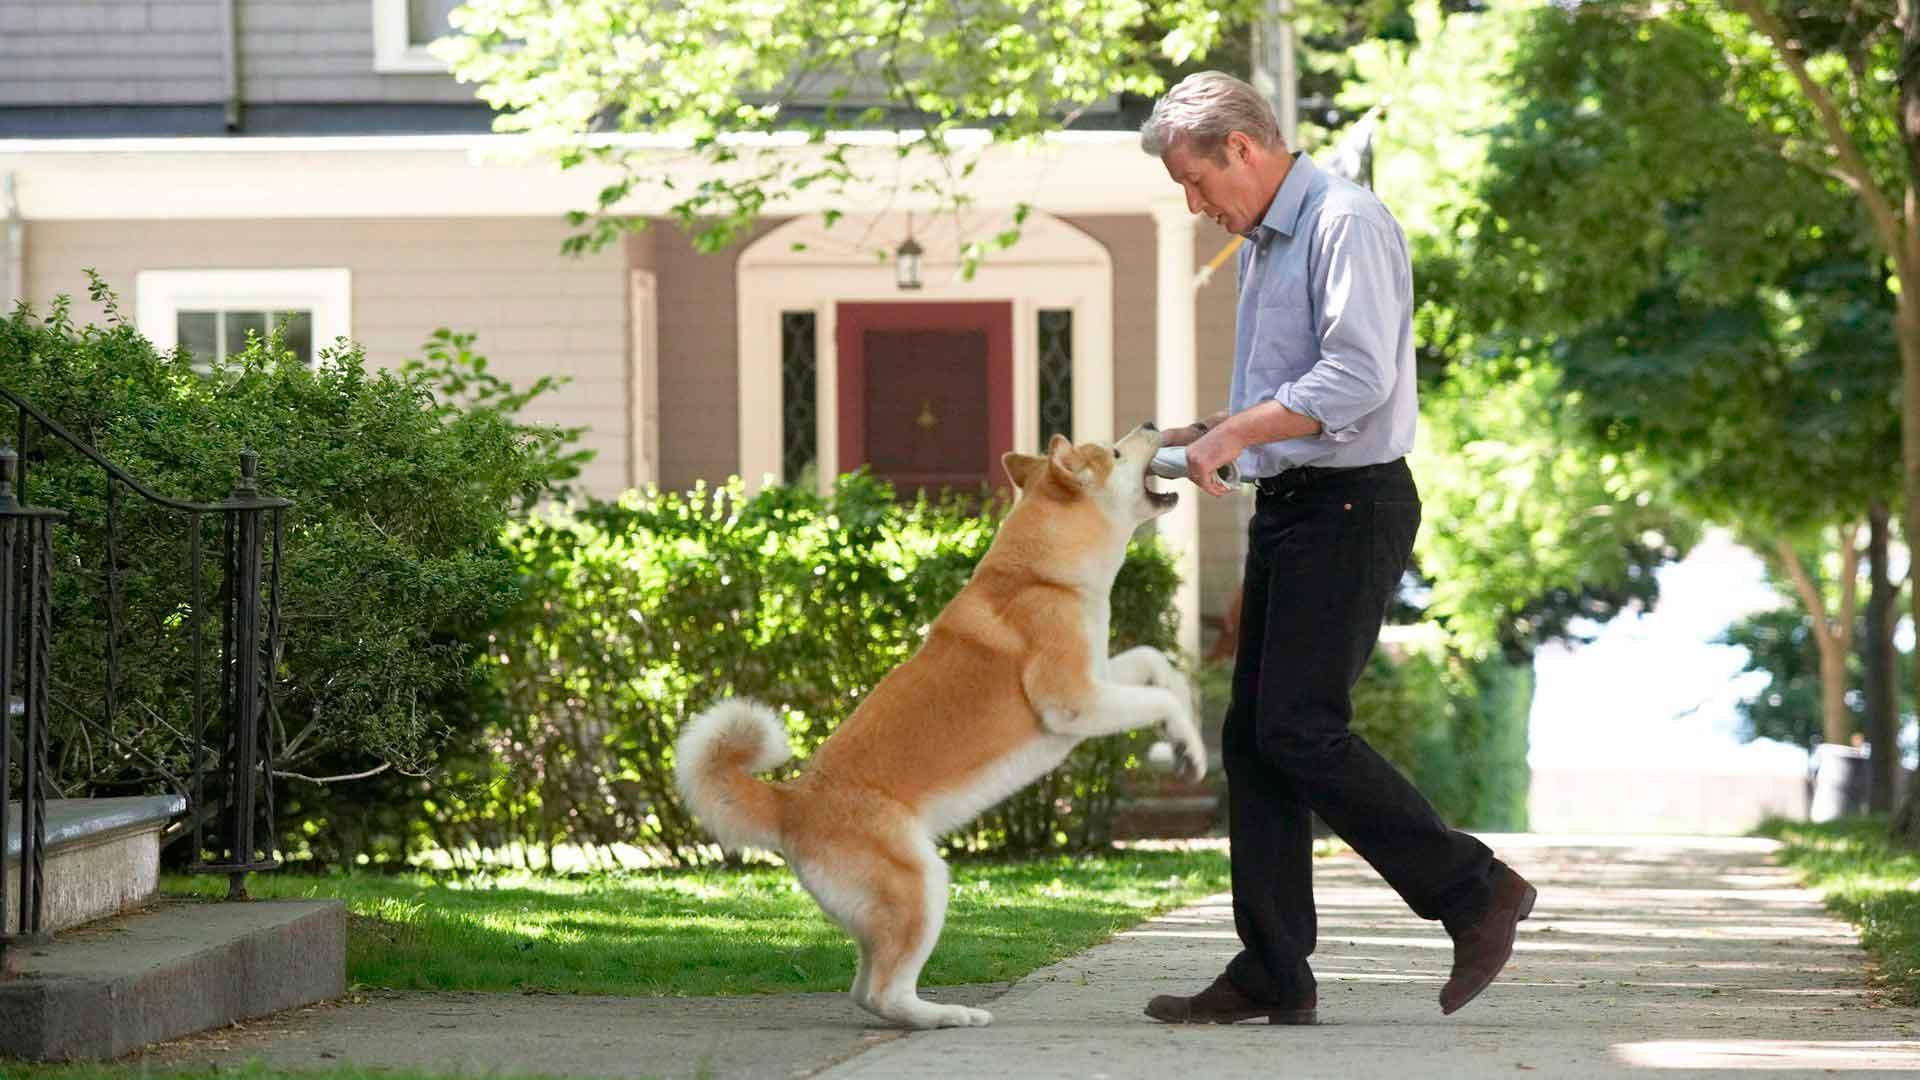 Хатико: порода, как называется собака, которая снималась в фильме